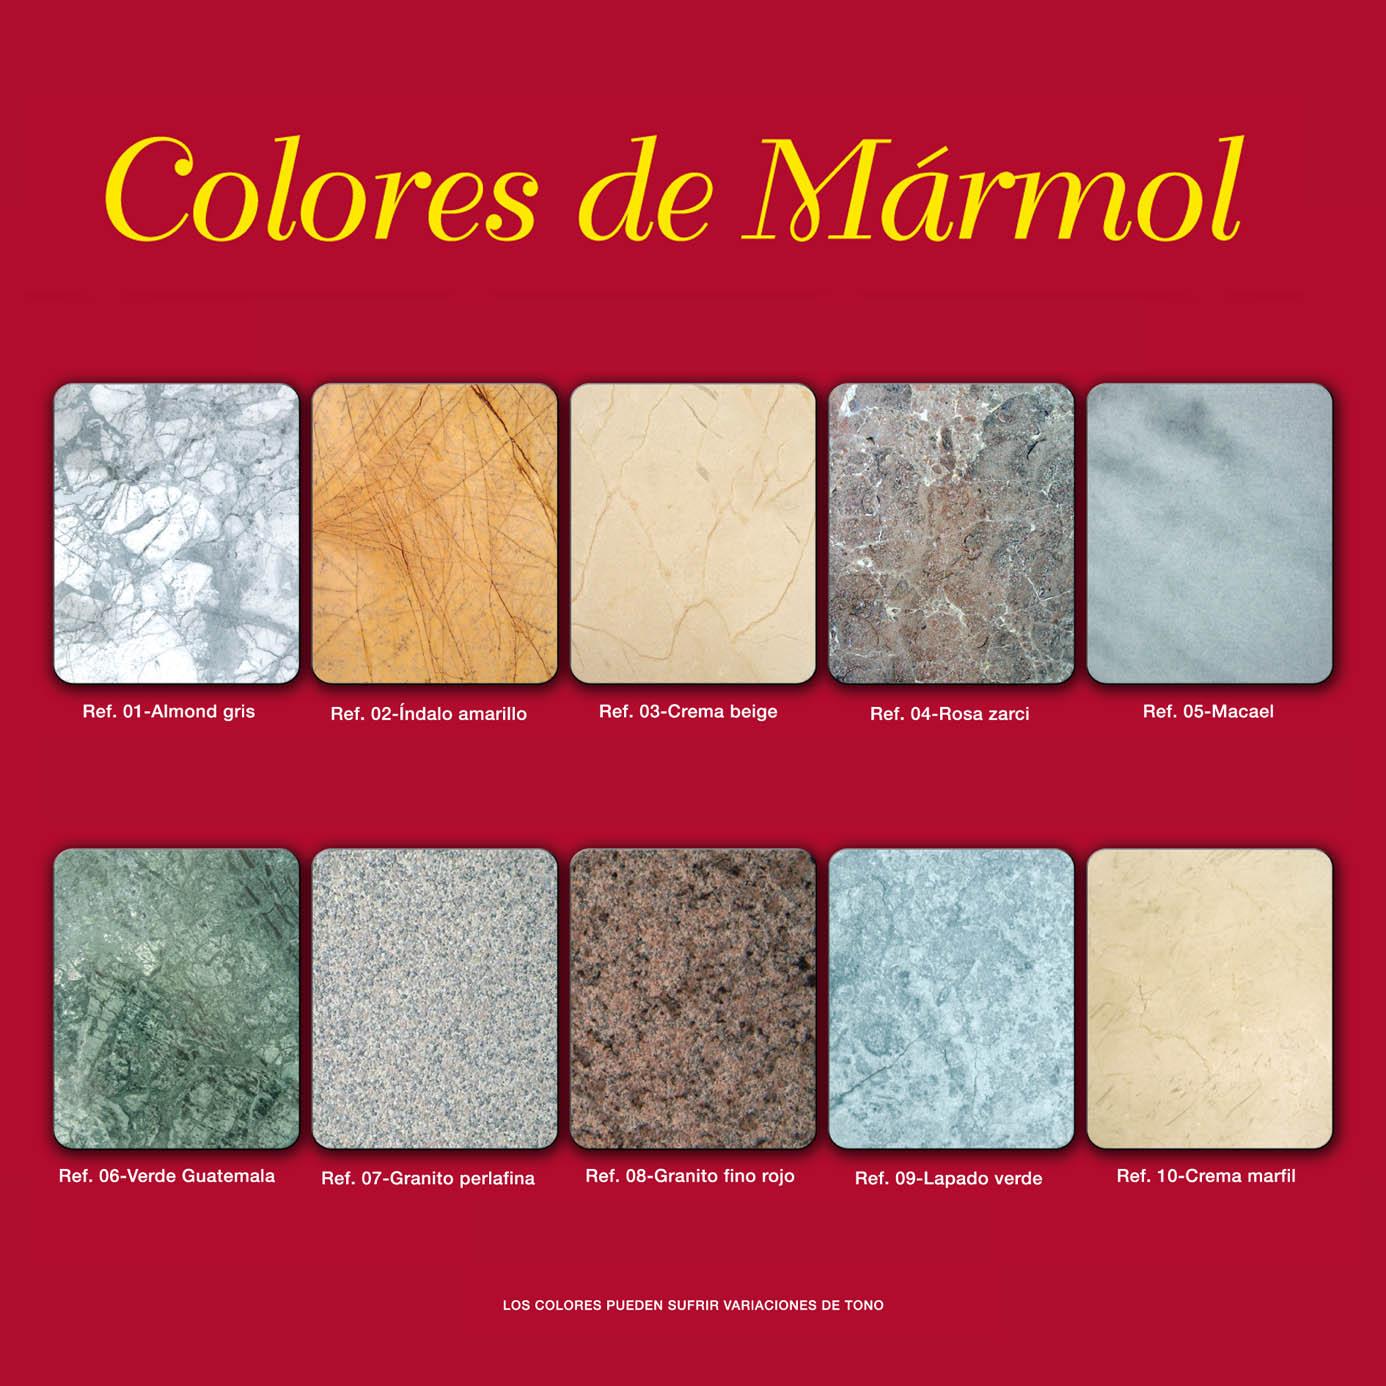 Colores de marmoles y granitos arenisca bachas para bao for Colores de granito y marmol